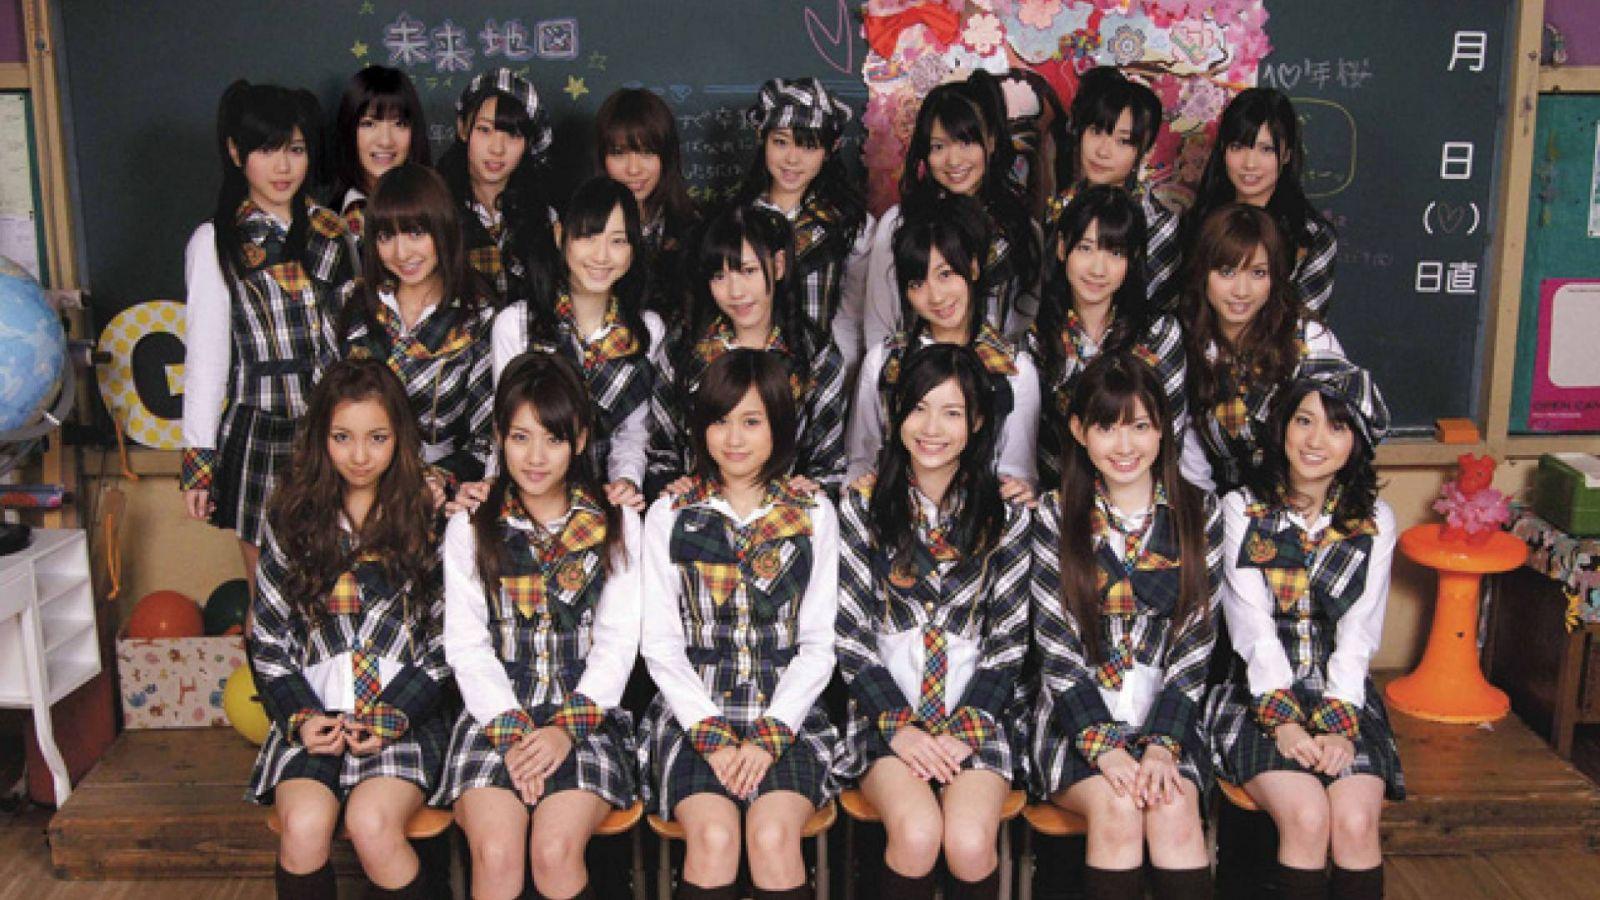 AKB48 at Asia Song Festival © AKS